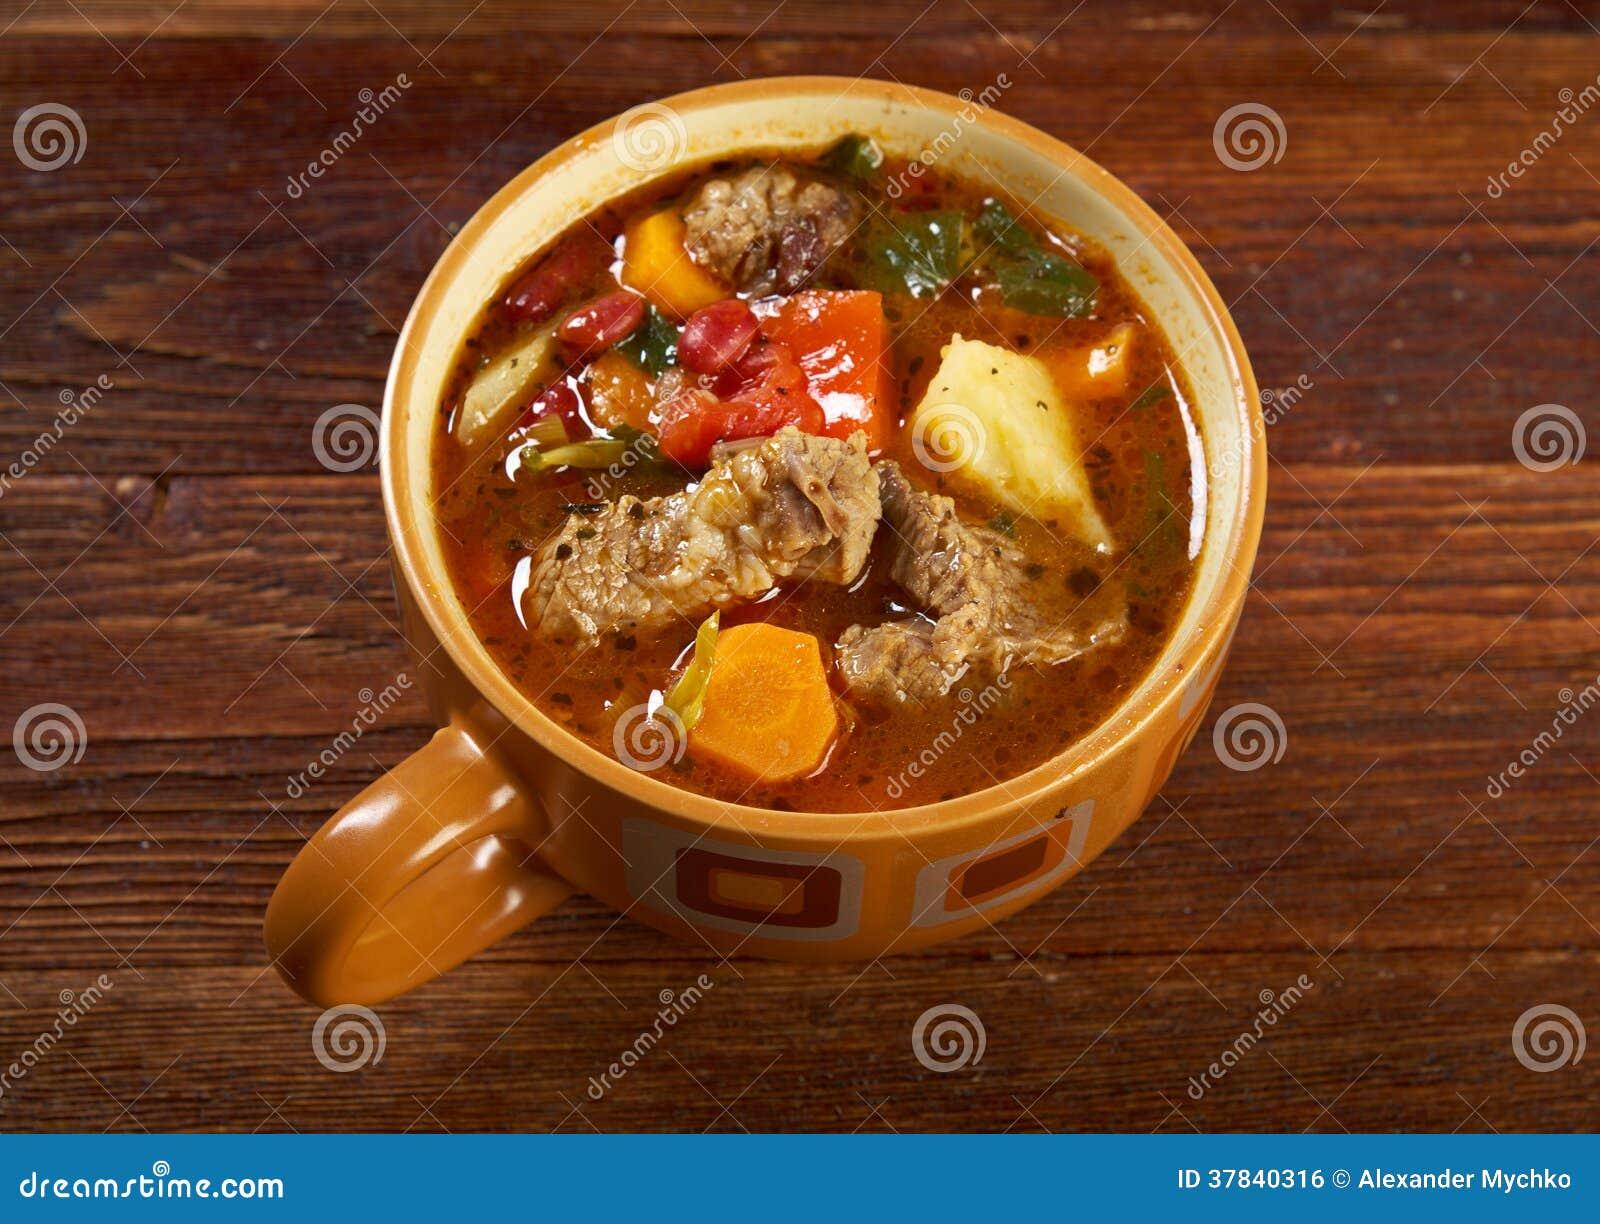 Eintopf plat allemand traditionnel de cuisine image libre de droits image 37840316 for Cuisine allemande